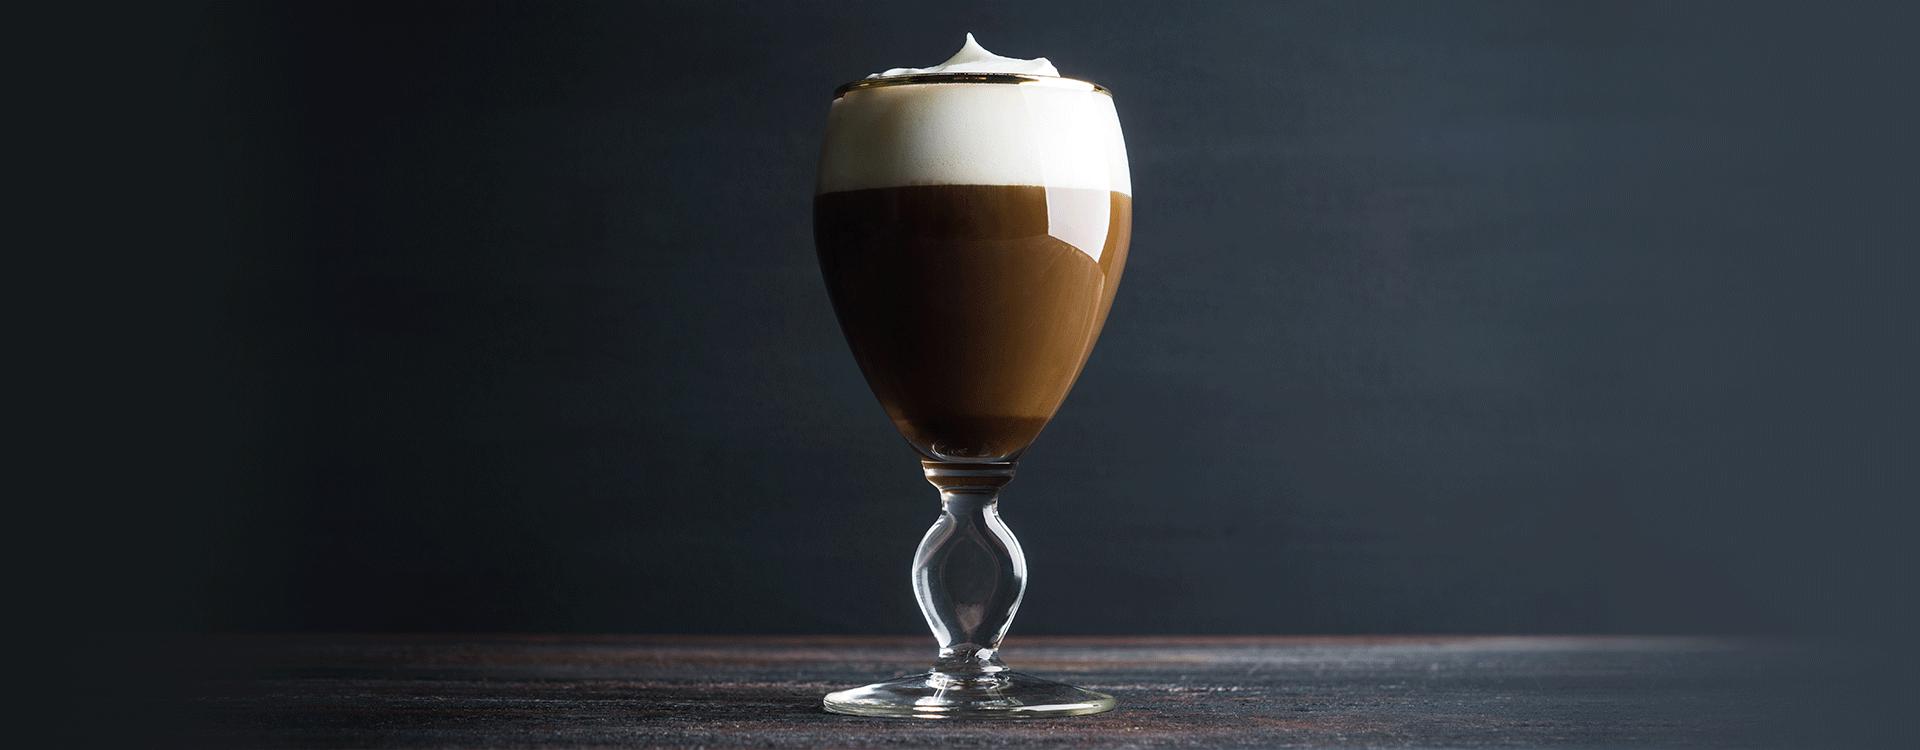 Kawa po irlandzku - domowy przepis